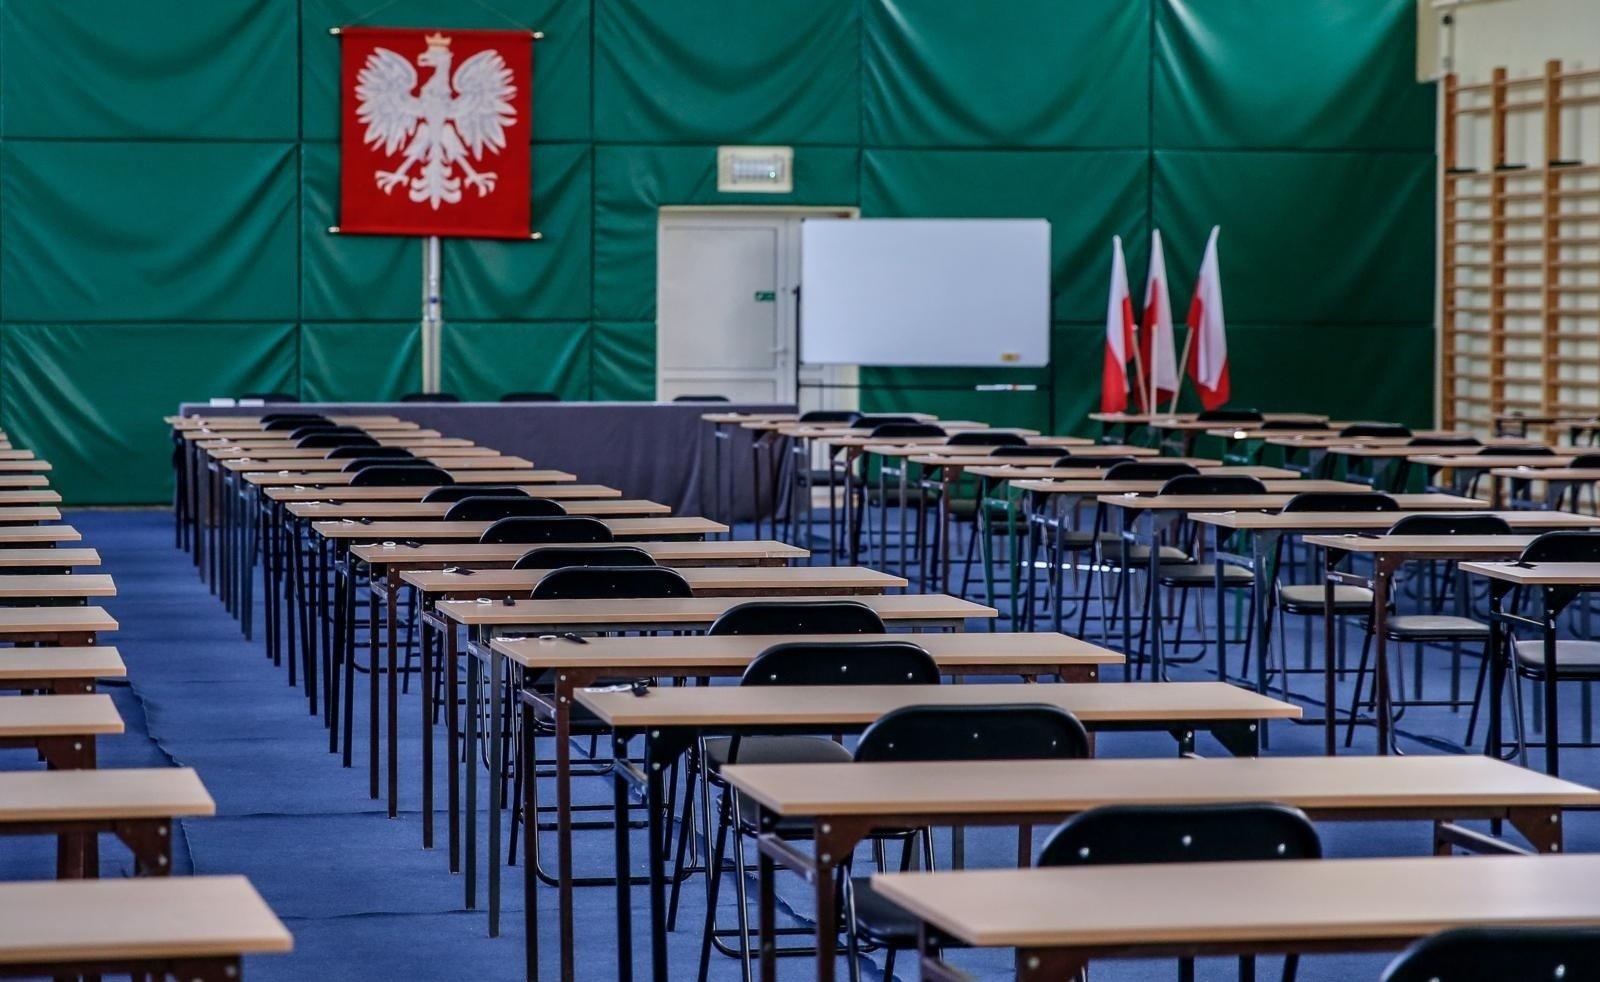 Matura 2020 i egzamin ósmoklasisty 2020 przesunięte! Czy będą egzaminy ósmoklasisty i matury? Jest decyzja: egzaminy w czerwcu! | Echo Dnia Świętokrzyskie